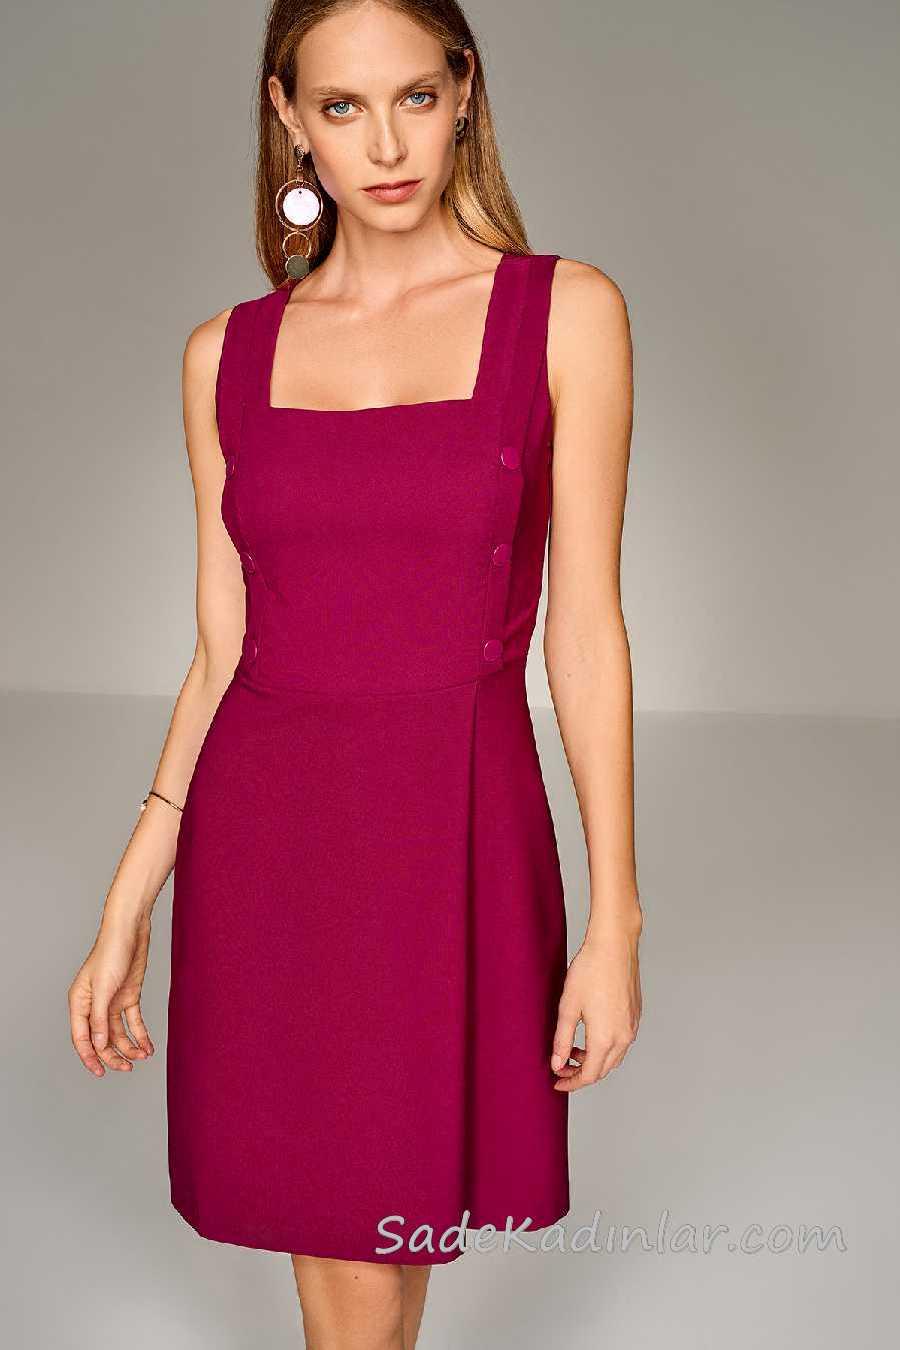 2020 Mürdüm Abiye Elbise Modelleri Kısa Kalın Askılı Düğme Detaylı